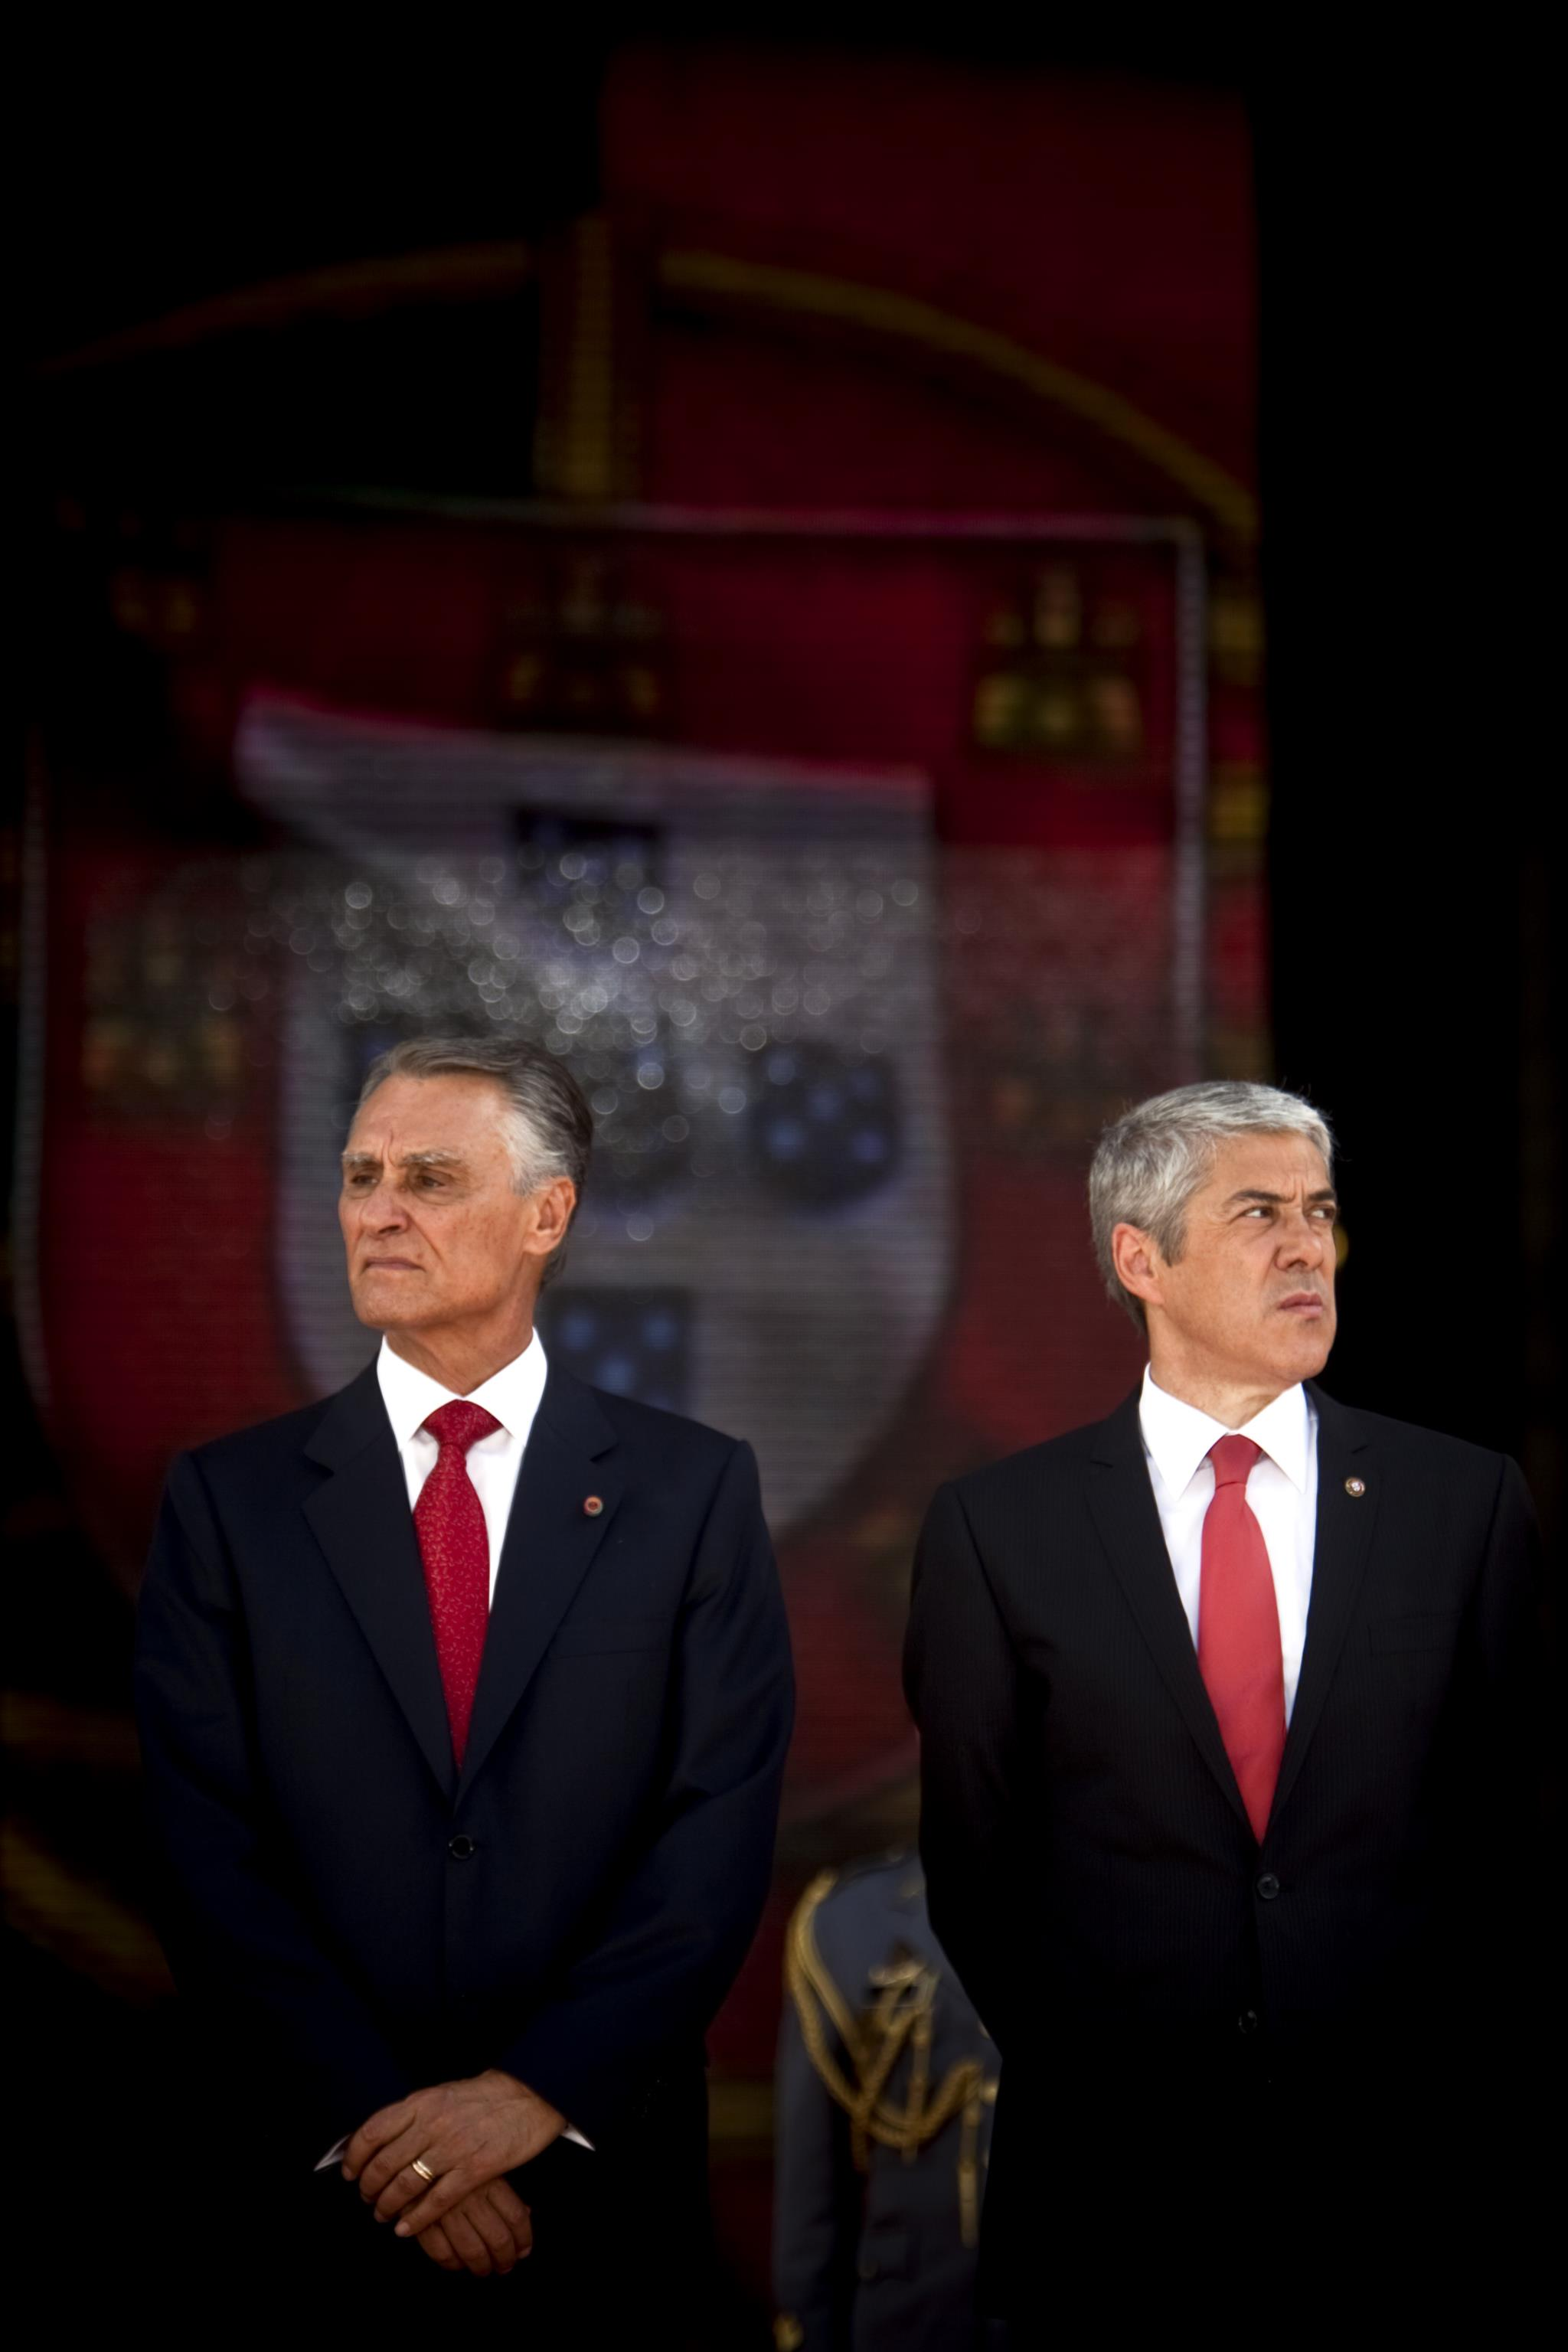 PÚBLICO - Cavaco e Sócrates: história de tensões numa relação difícil